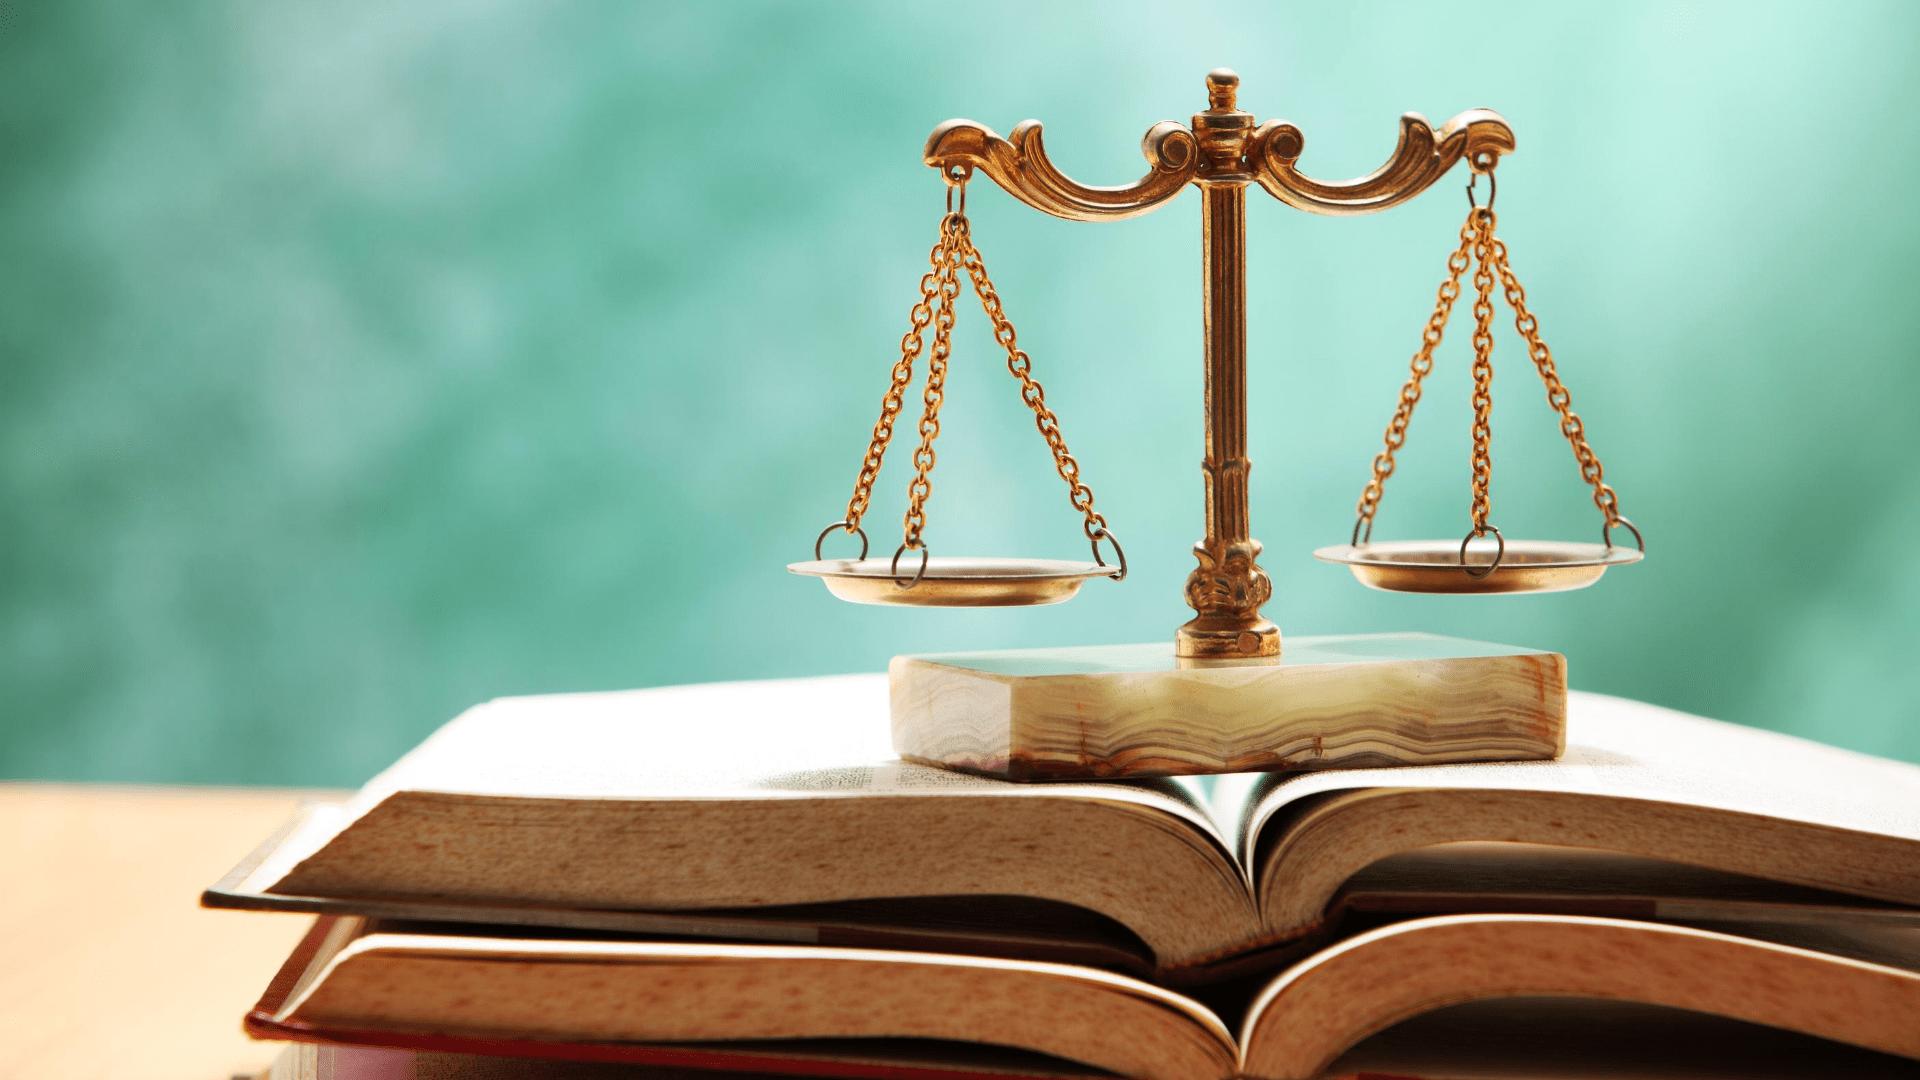 L'interpretazione del contratto: genealogia delle regole (Parte prima)